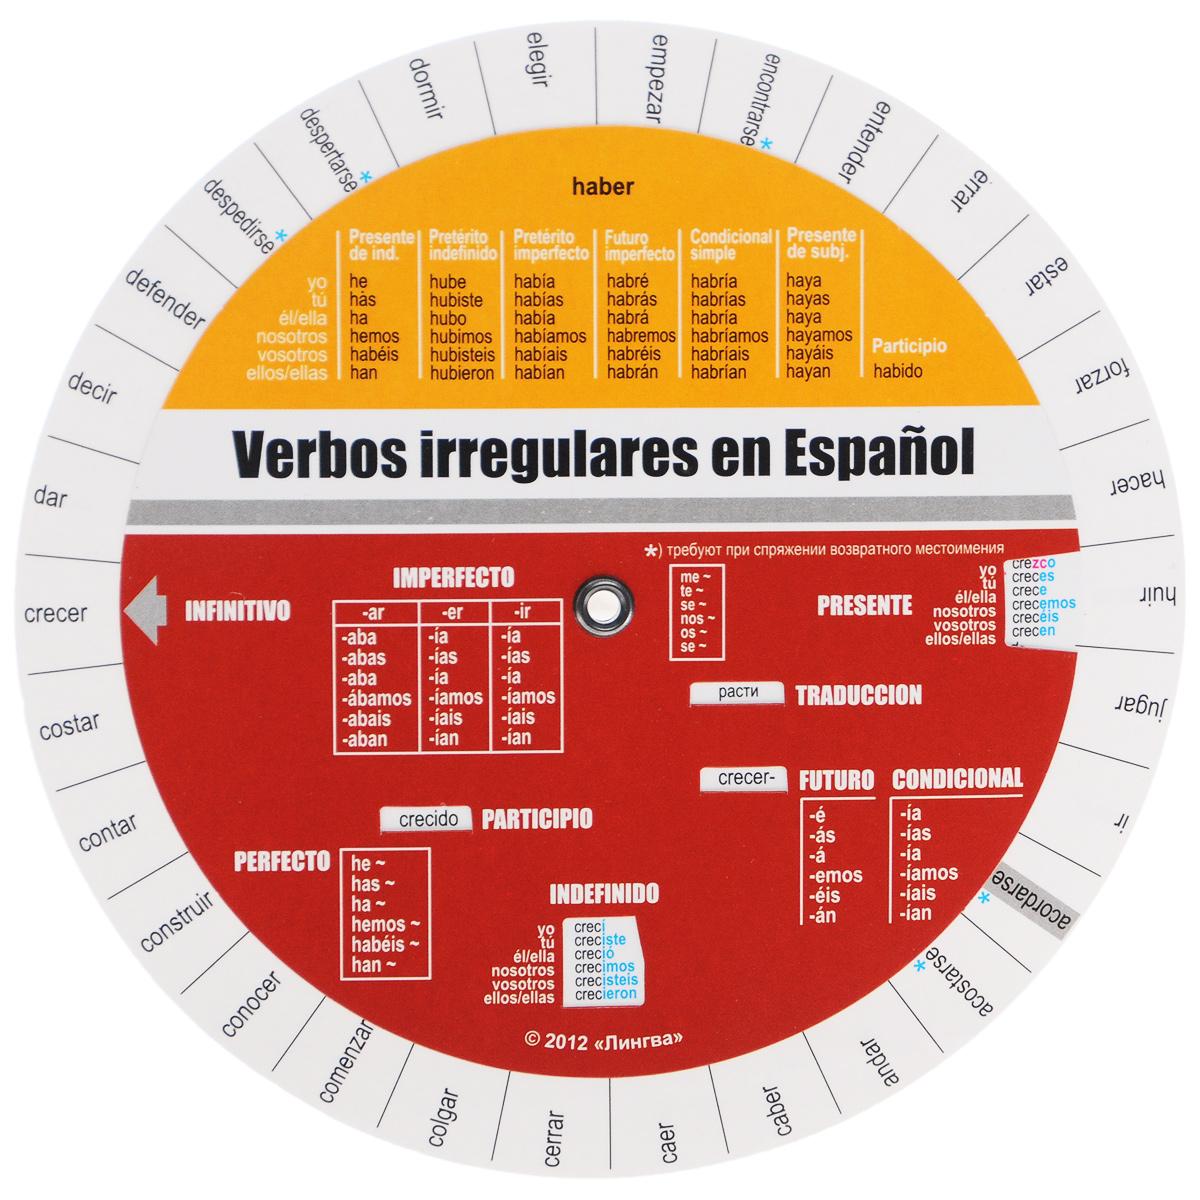 Verbos irregulars en Espanol / Испанские неправильные глаголы. Таблица карточки итальянский язык тематические карточки для запоминания слов